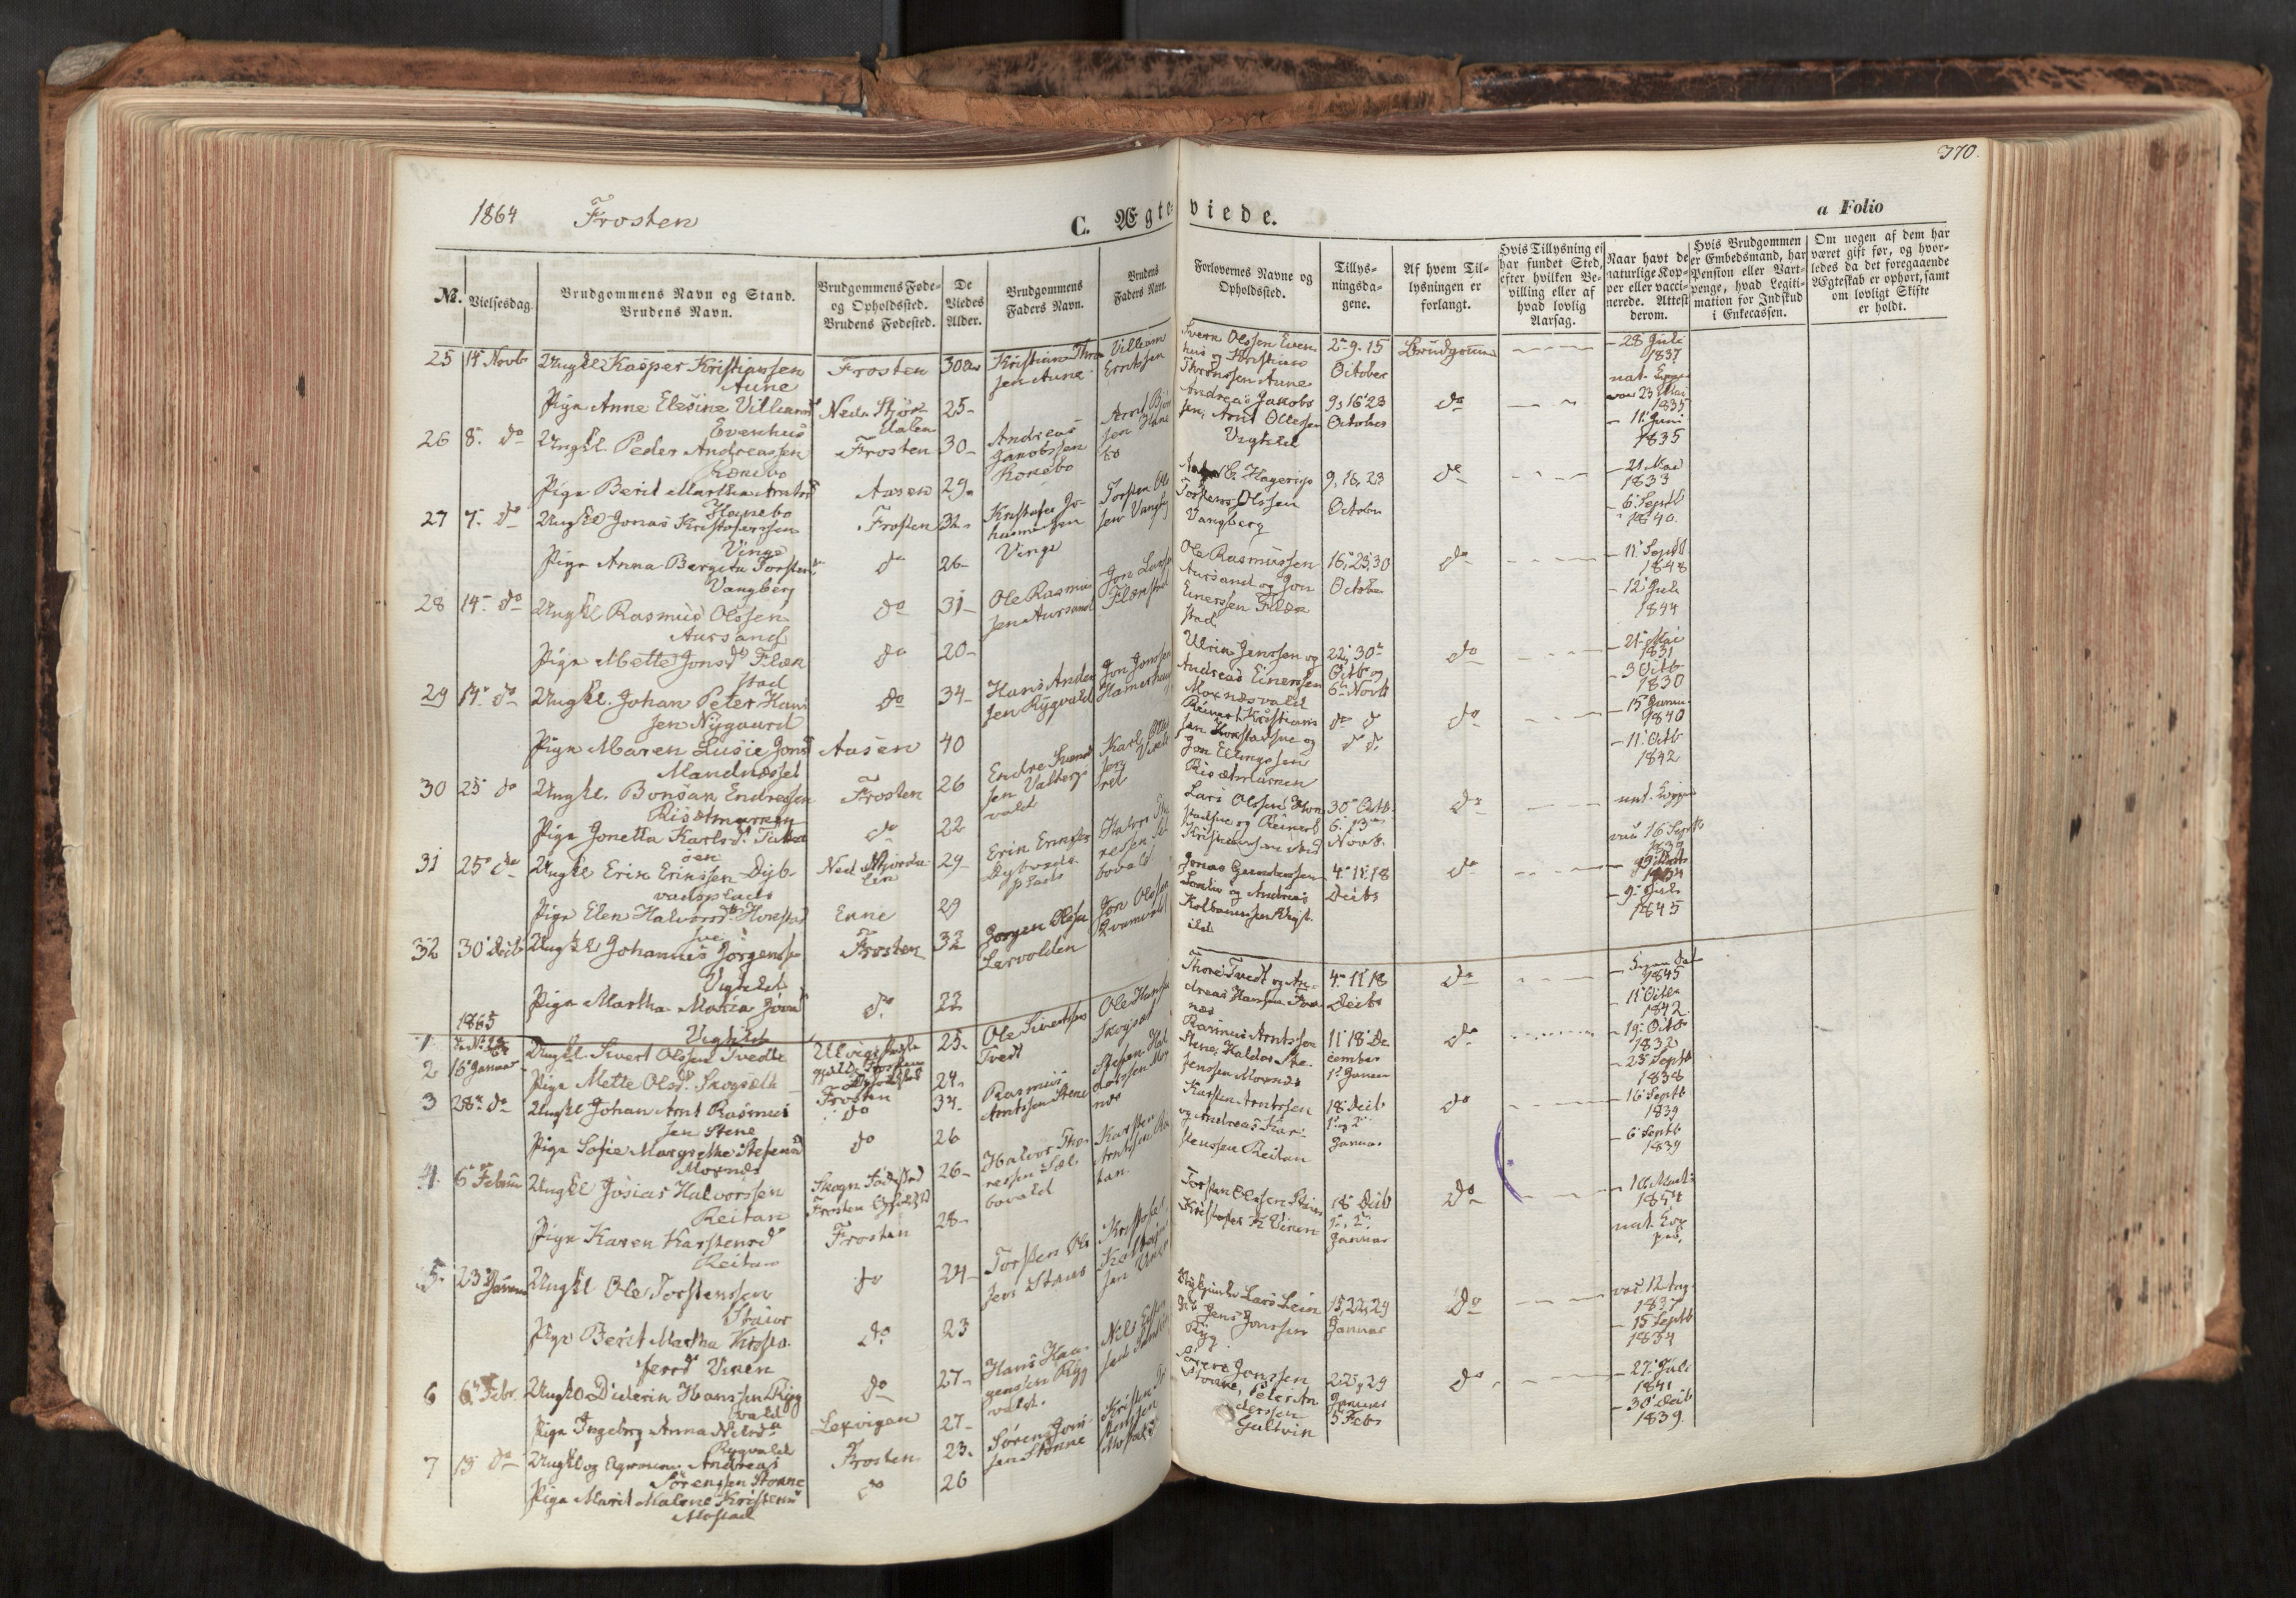 SAT, Ministerialprotokoller, klokkerbøker og fødselsregistre - Nord-Trøndelag, 713/L0116: Ministerialbok nr. 713A07, 1850-1877, s. 370